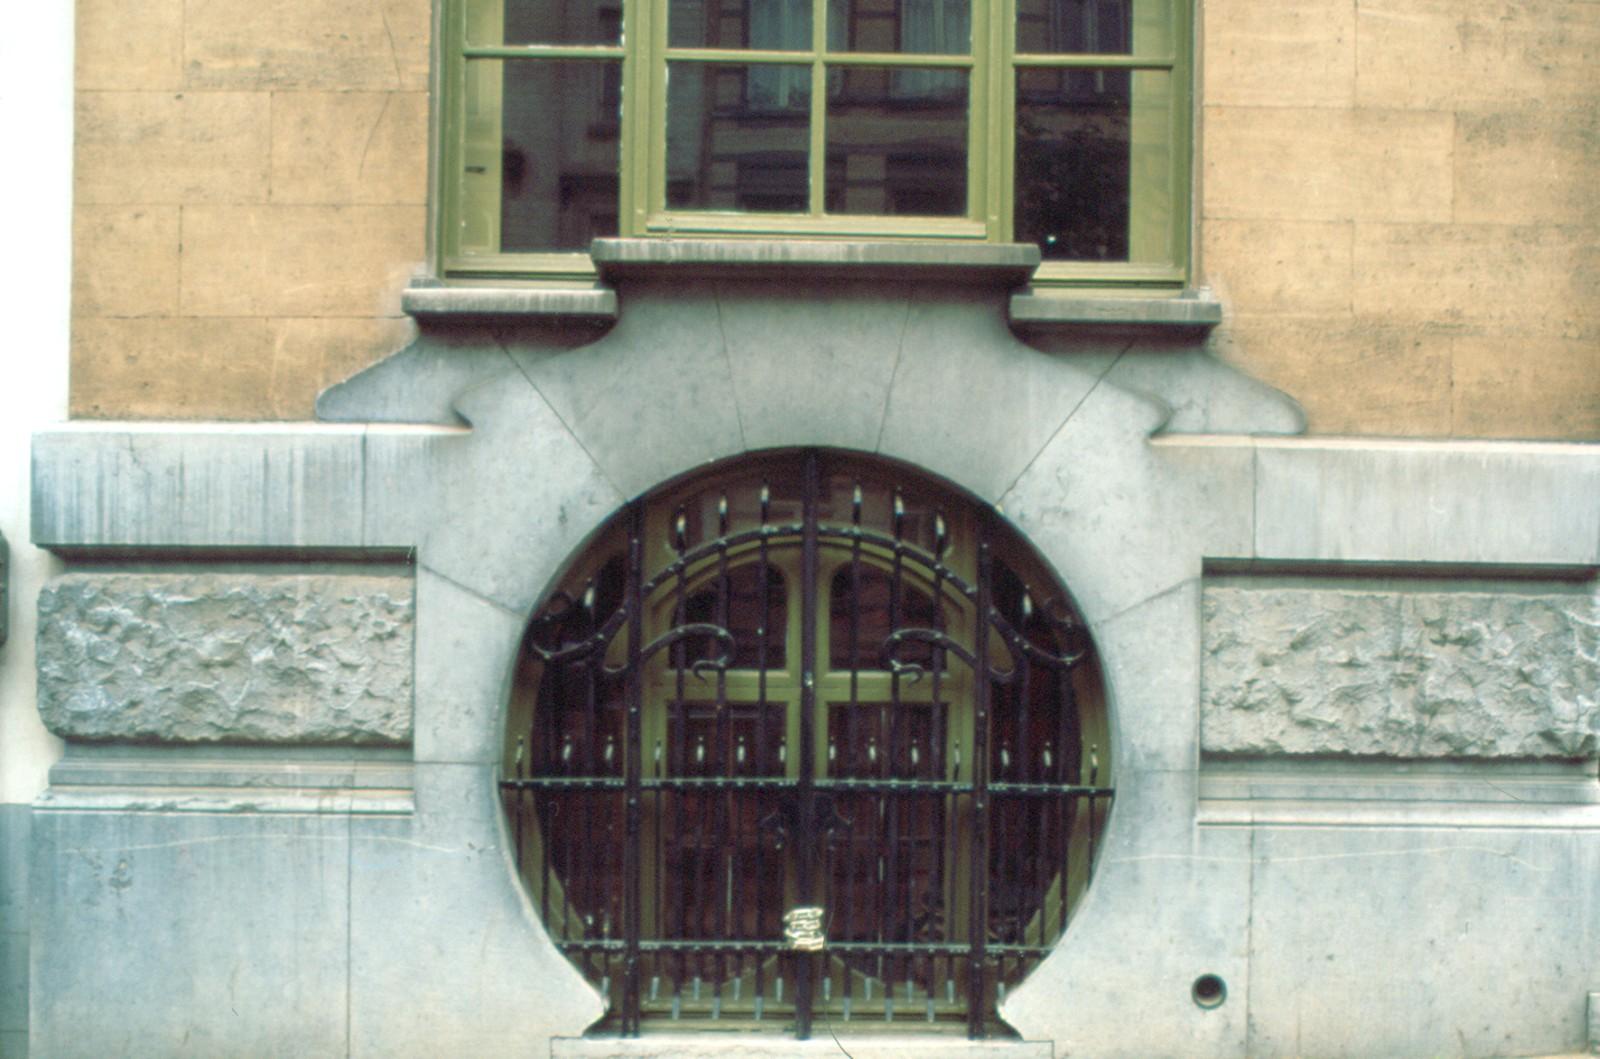 Détail du soubassement, avenue Michel-Ange 80, Bruxelles-extension, 1899, architecte Victor Taelmans.© photo Ch. Bastin & J. Evrard © MRBC